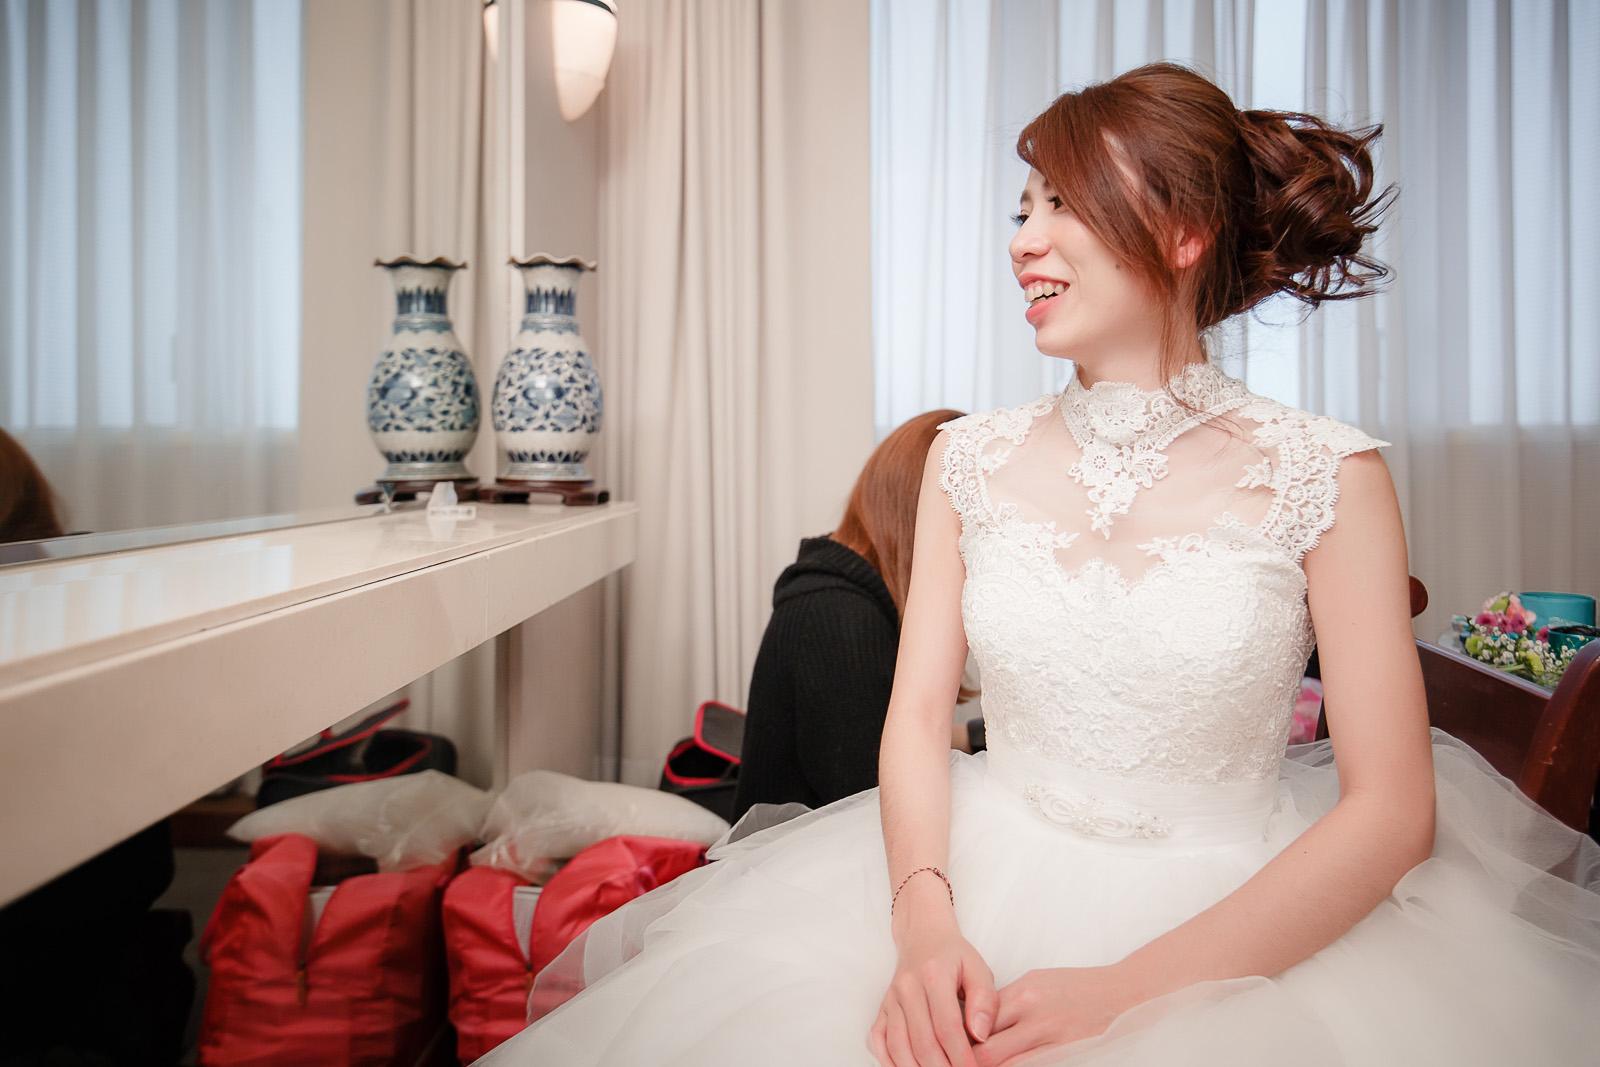 高雄圓山飯店,婚禮攝影,婚攝,高雄婚攝,優質婚攝推薦,Jen&Ethan-077